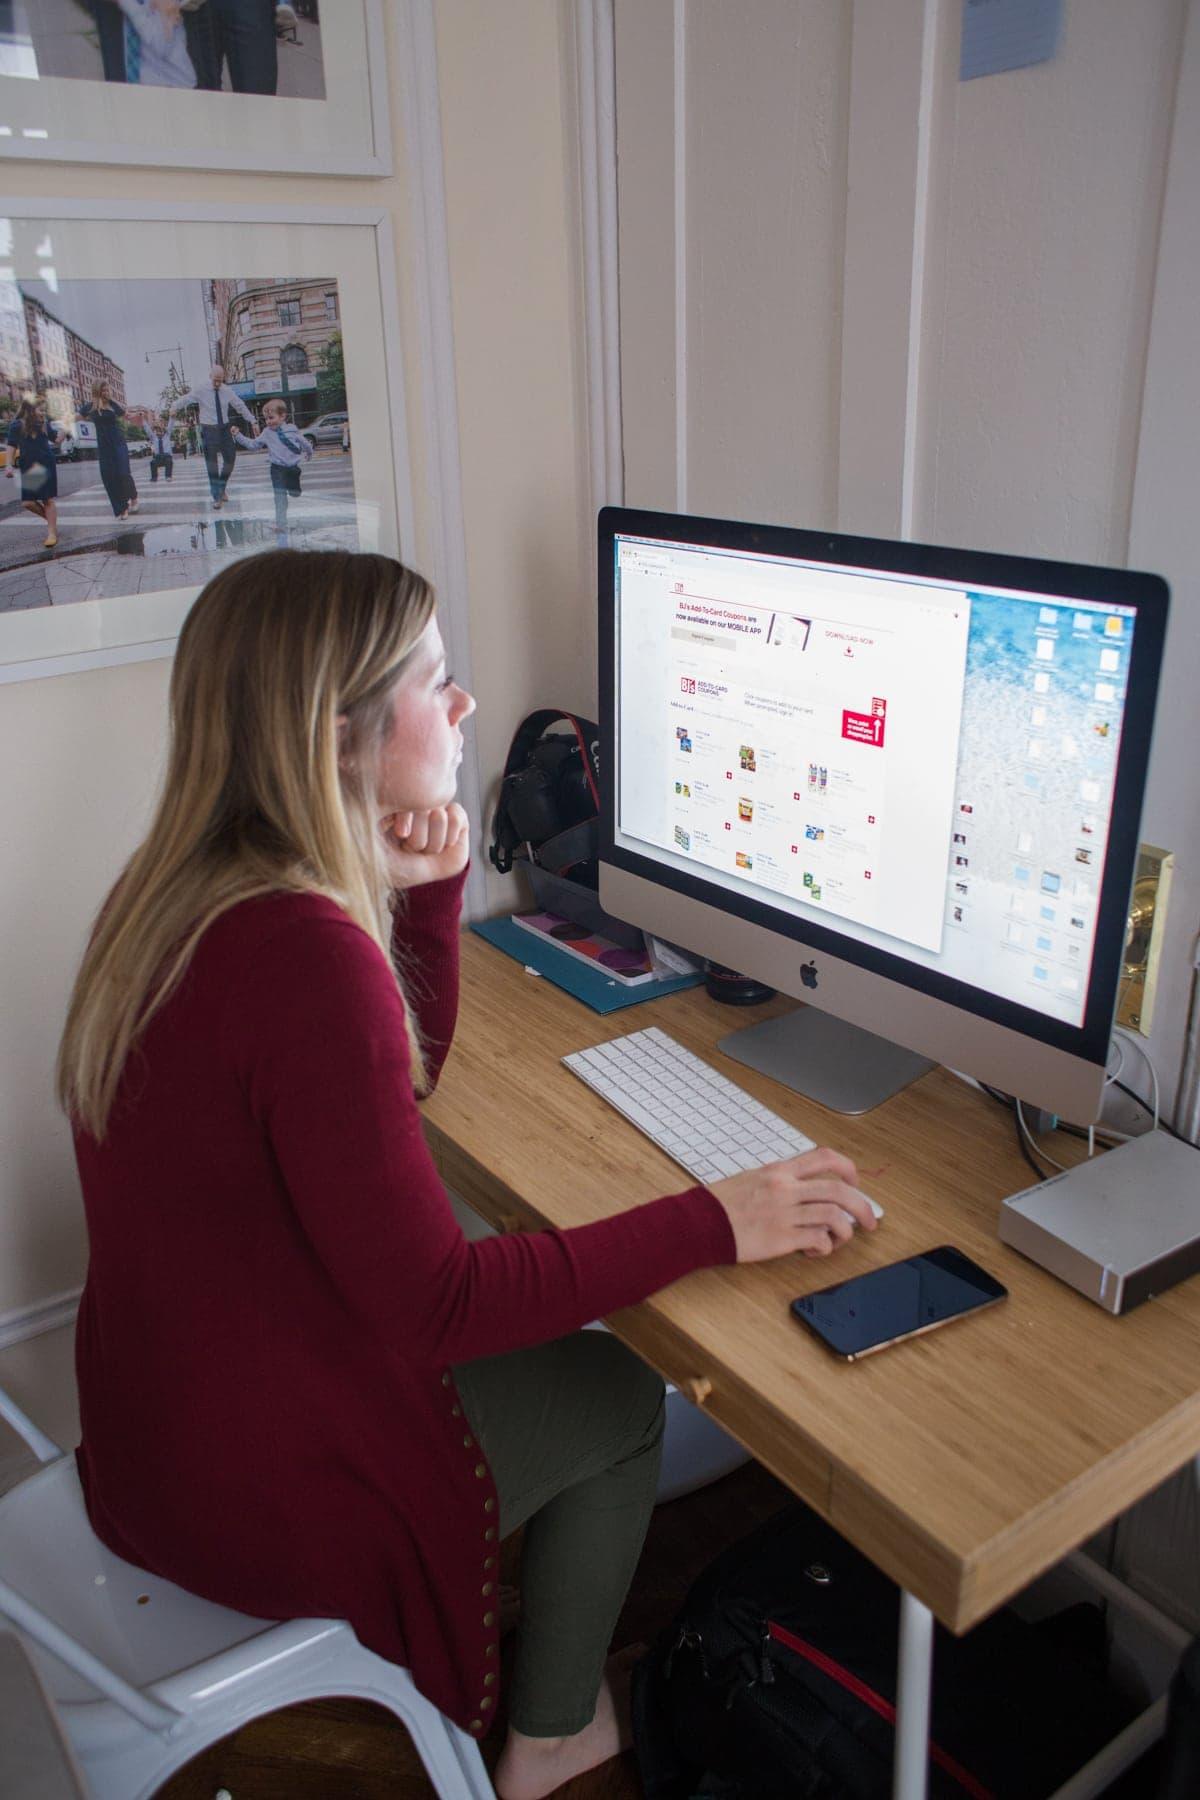 Lauren working on the computer